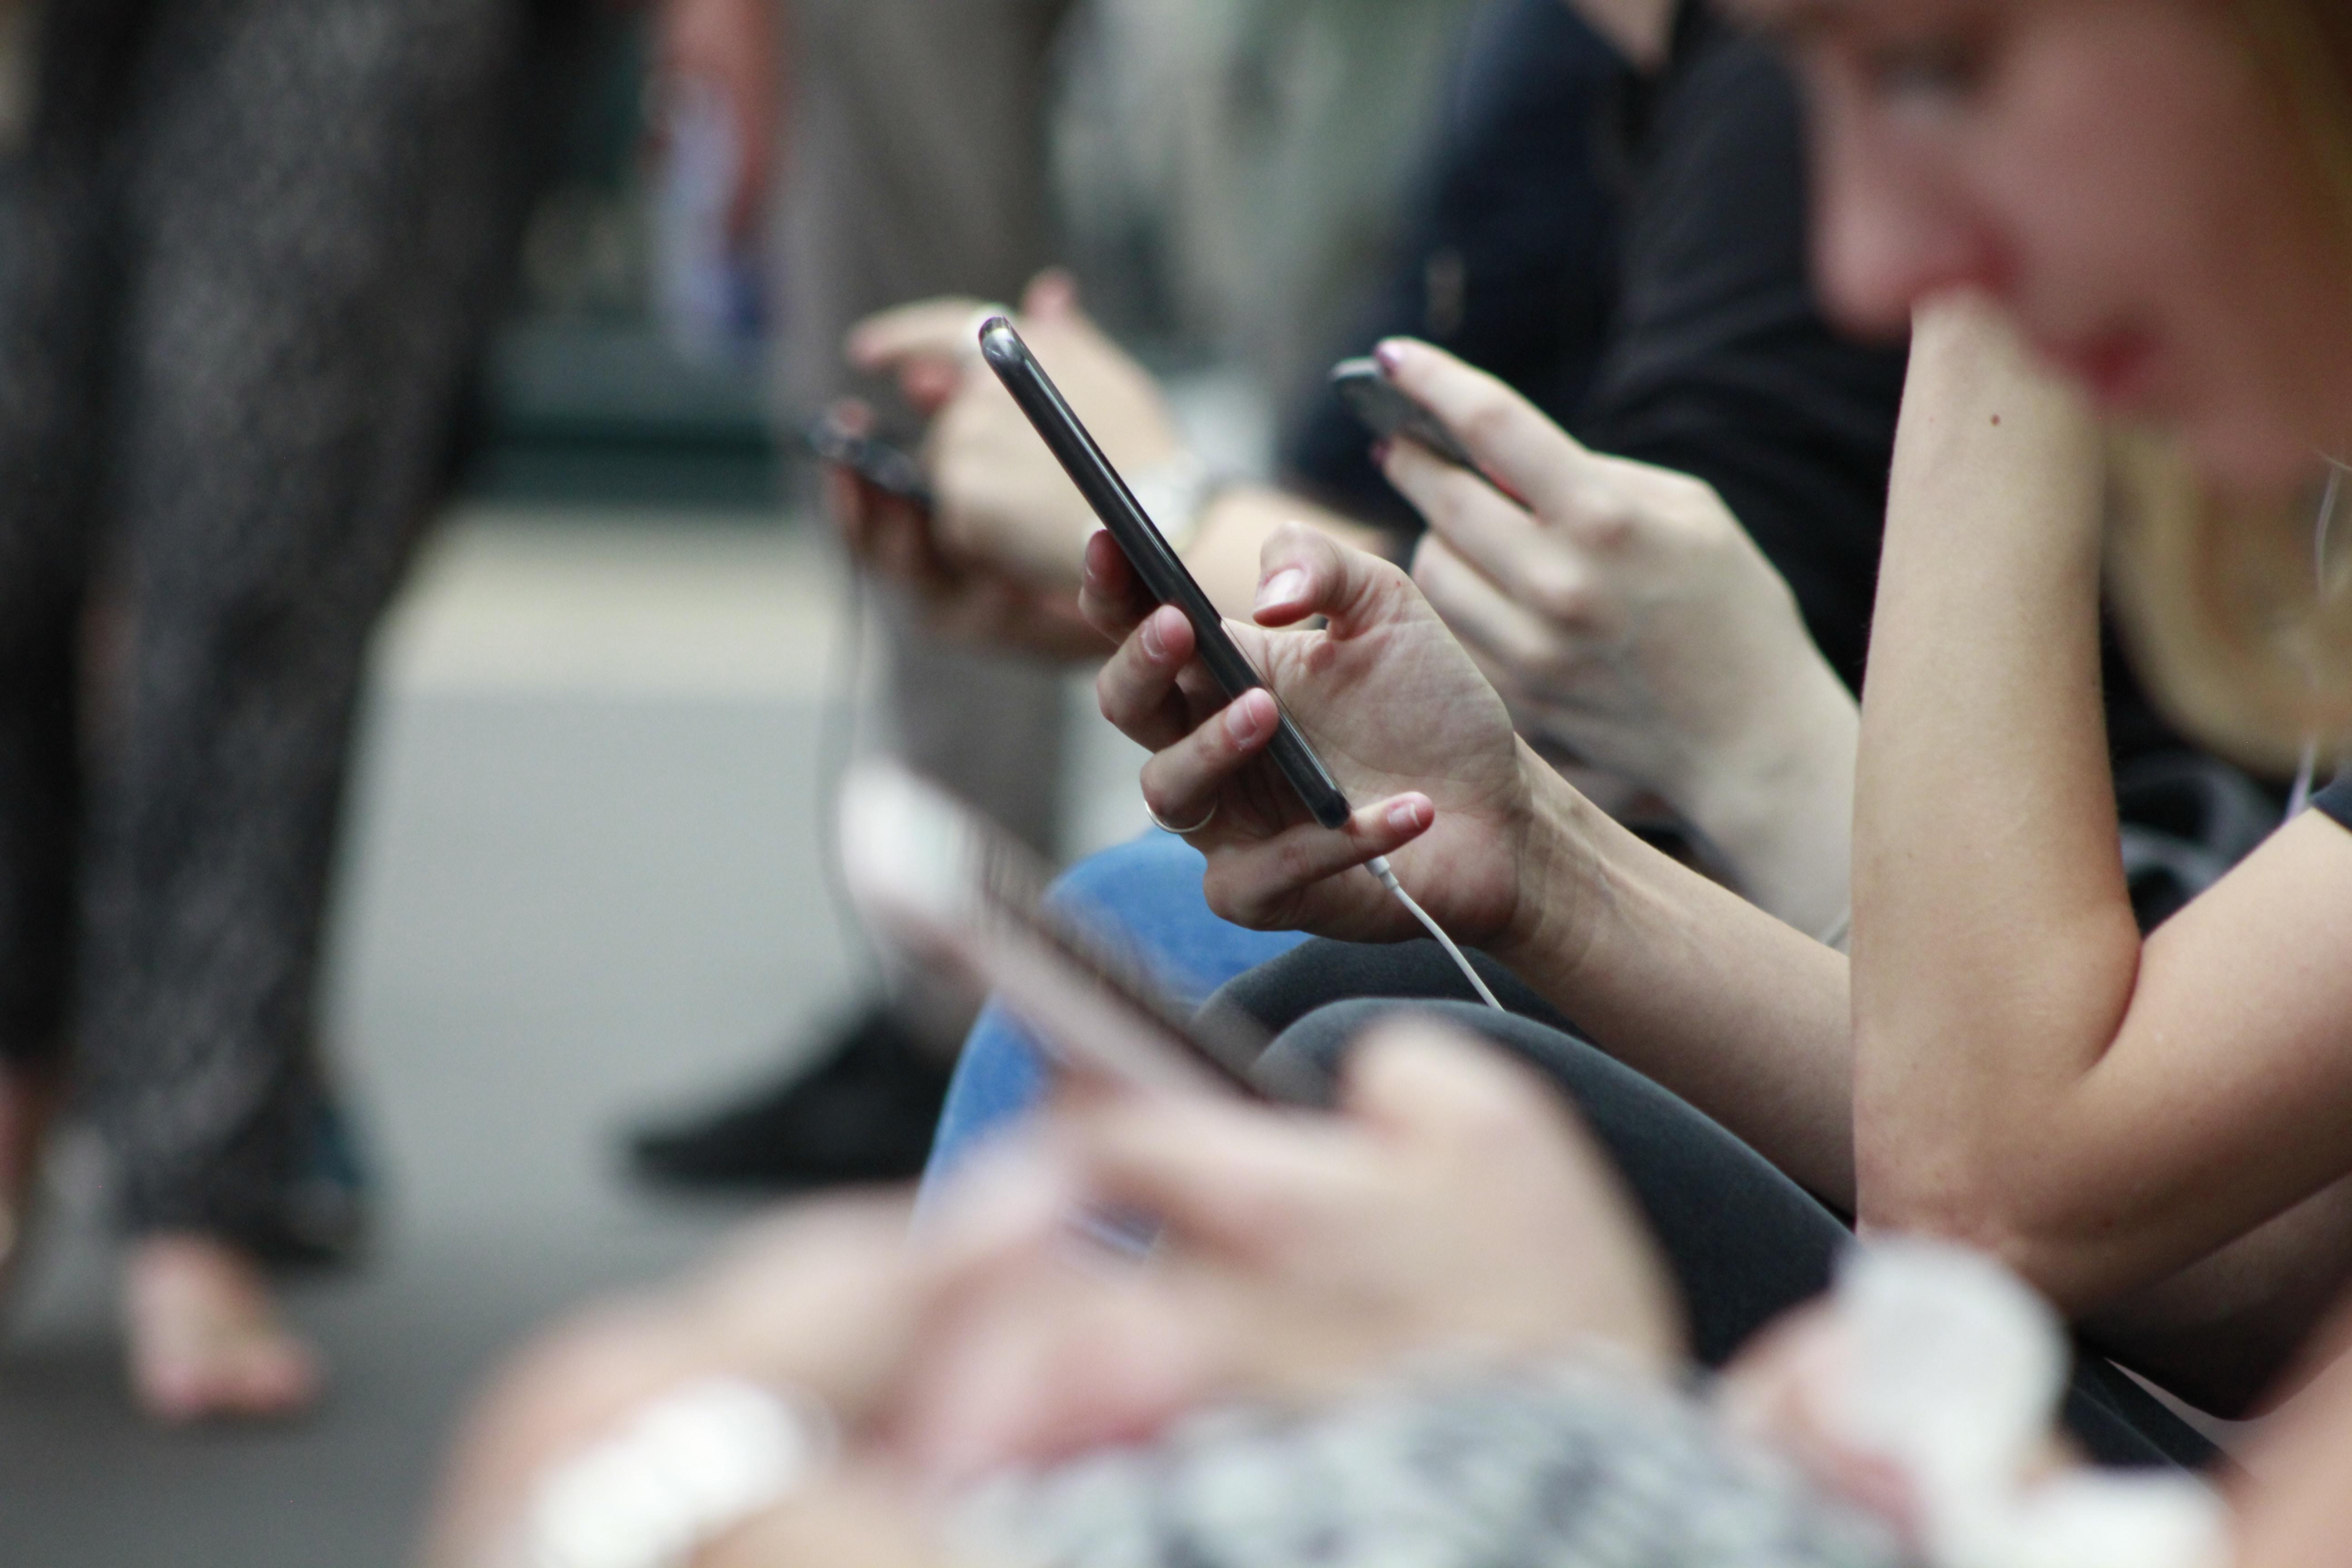 People Glued to Phones